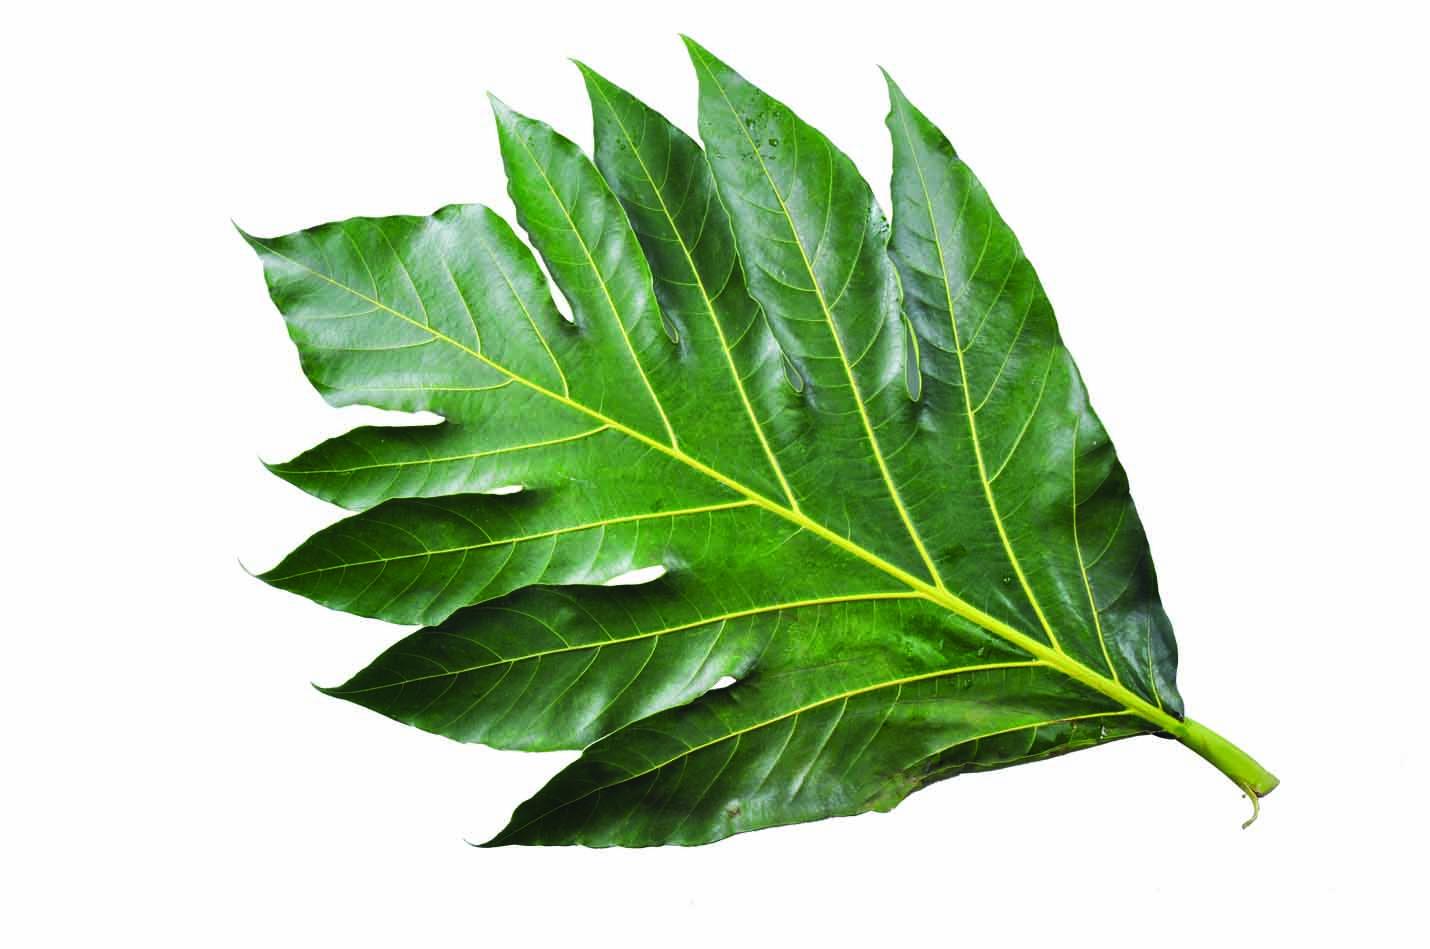 Manfaat daun sukun untuk kesehatan